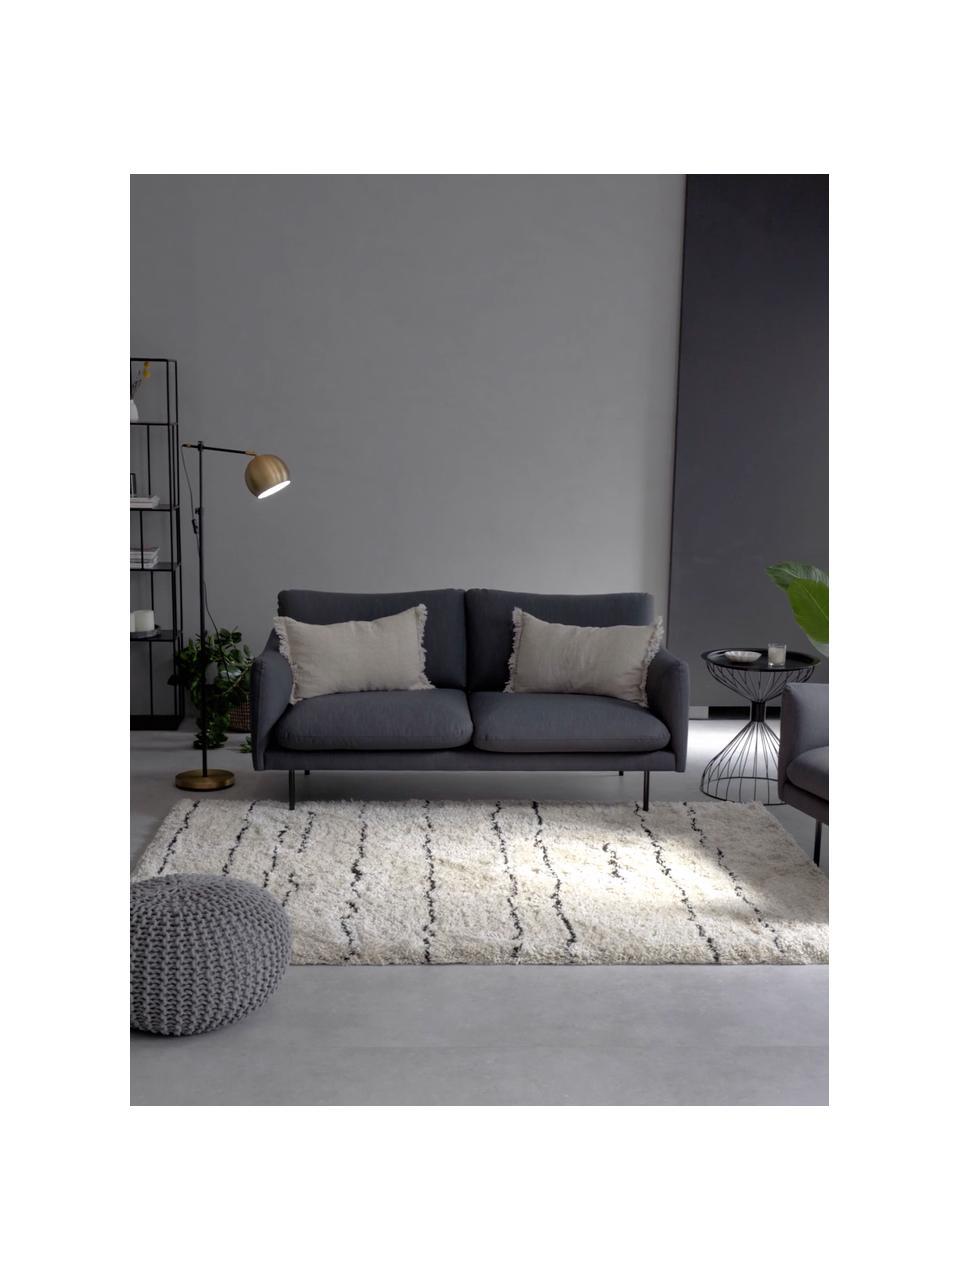 Bank Moby (2-zits) in donkergrijs met metalen poten, Bekleding: polyester, Frame: massief grenenhout, Poten: gepoedercoat metaal, Donkergrijs, B 170 x D 95 cm